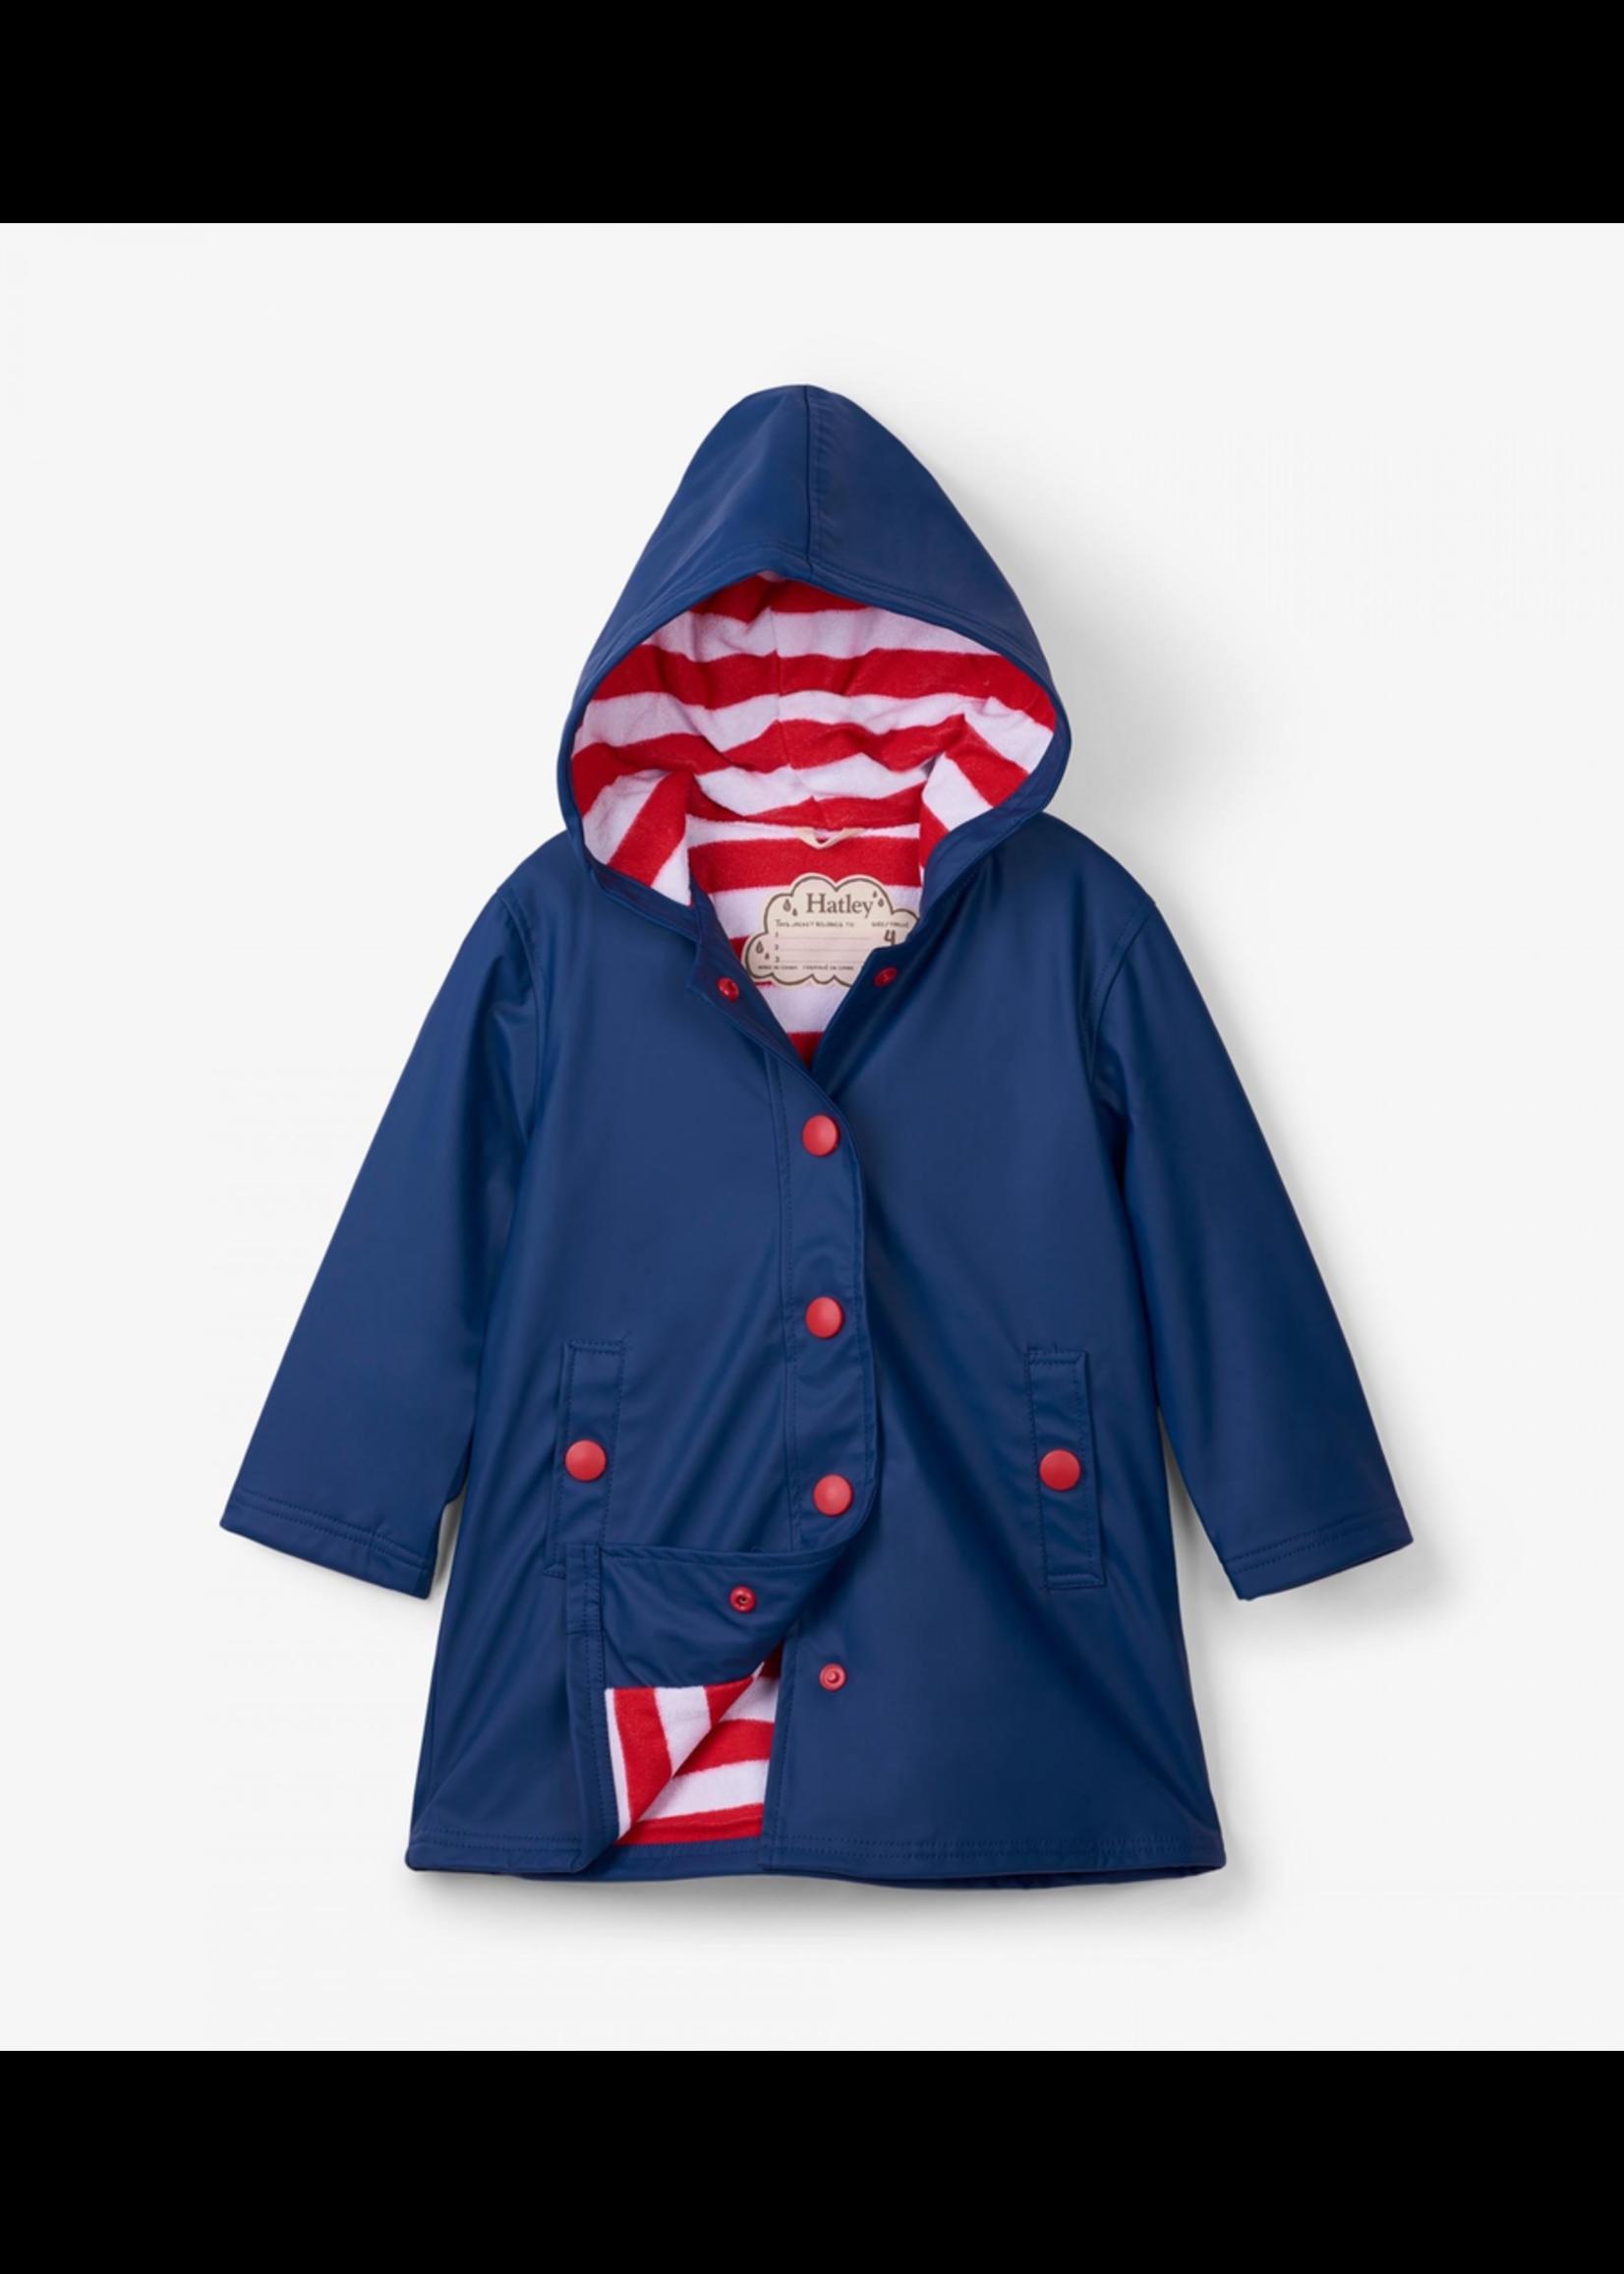 Hatley Hatley Splash Jacket for Girl